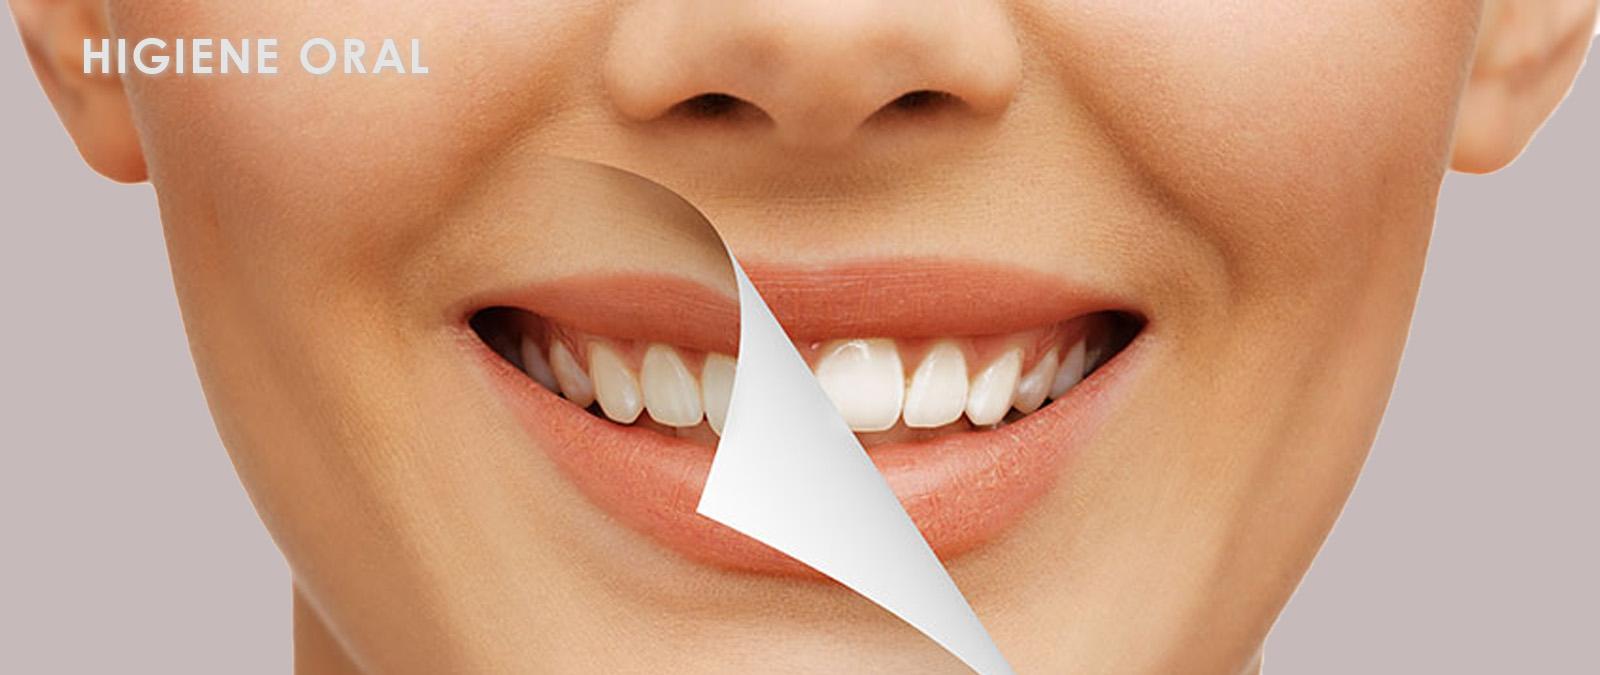 Higiene Oral para áreas clínicas medicis